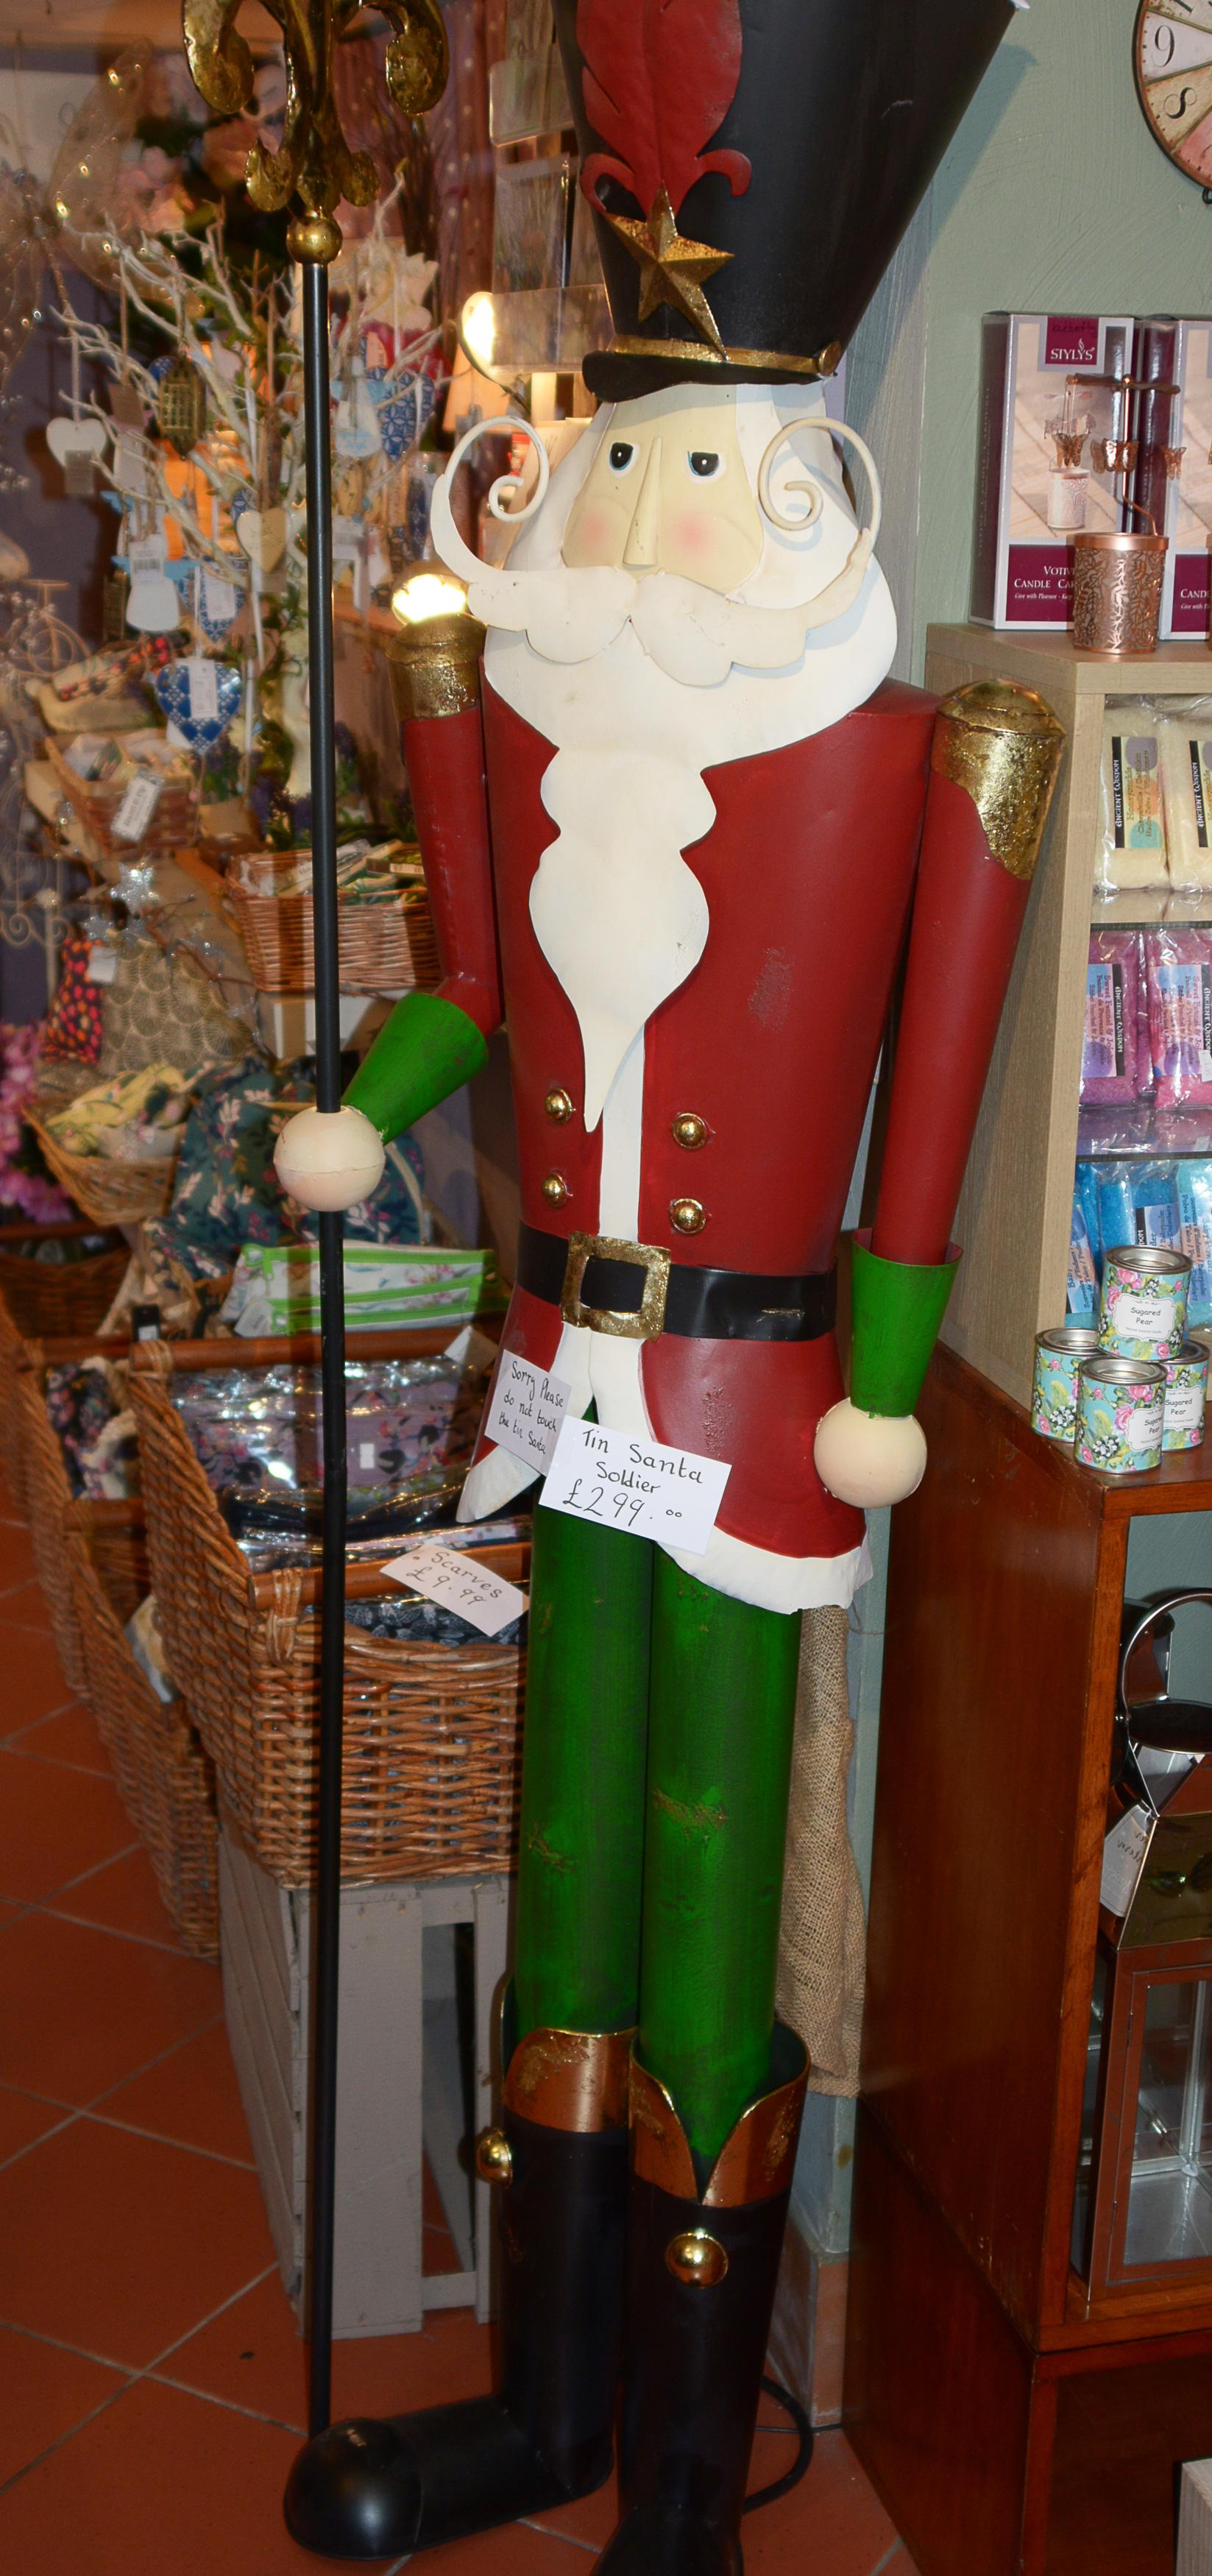 Tall metal Santa